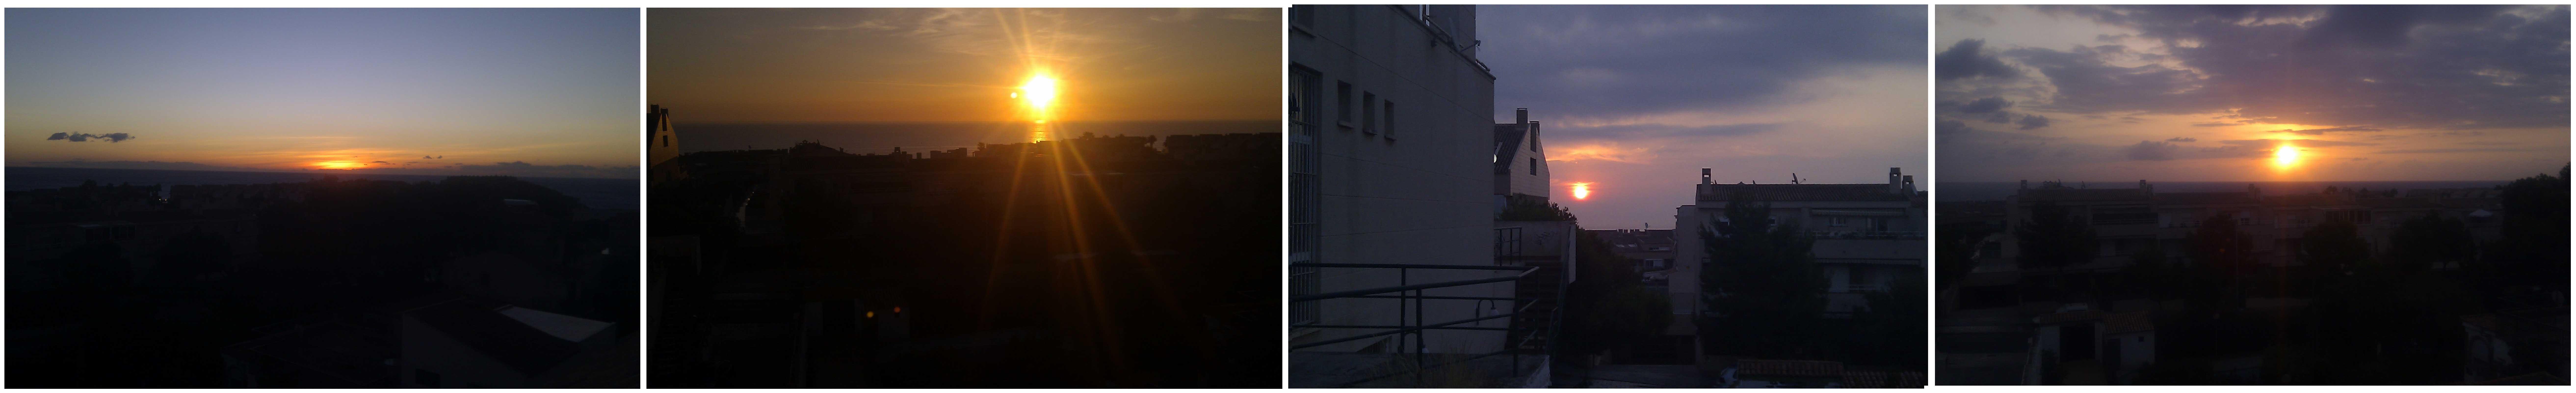 el amanecer en la misma posición Diciembre, Marzo, Junio y Septiembre